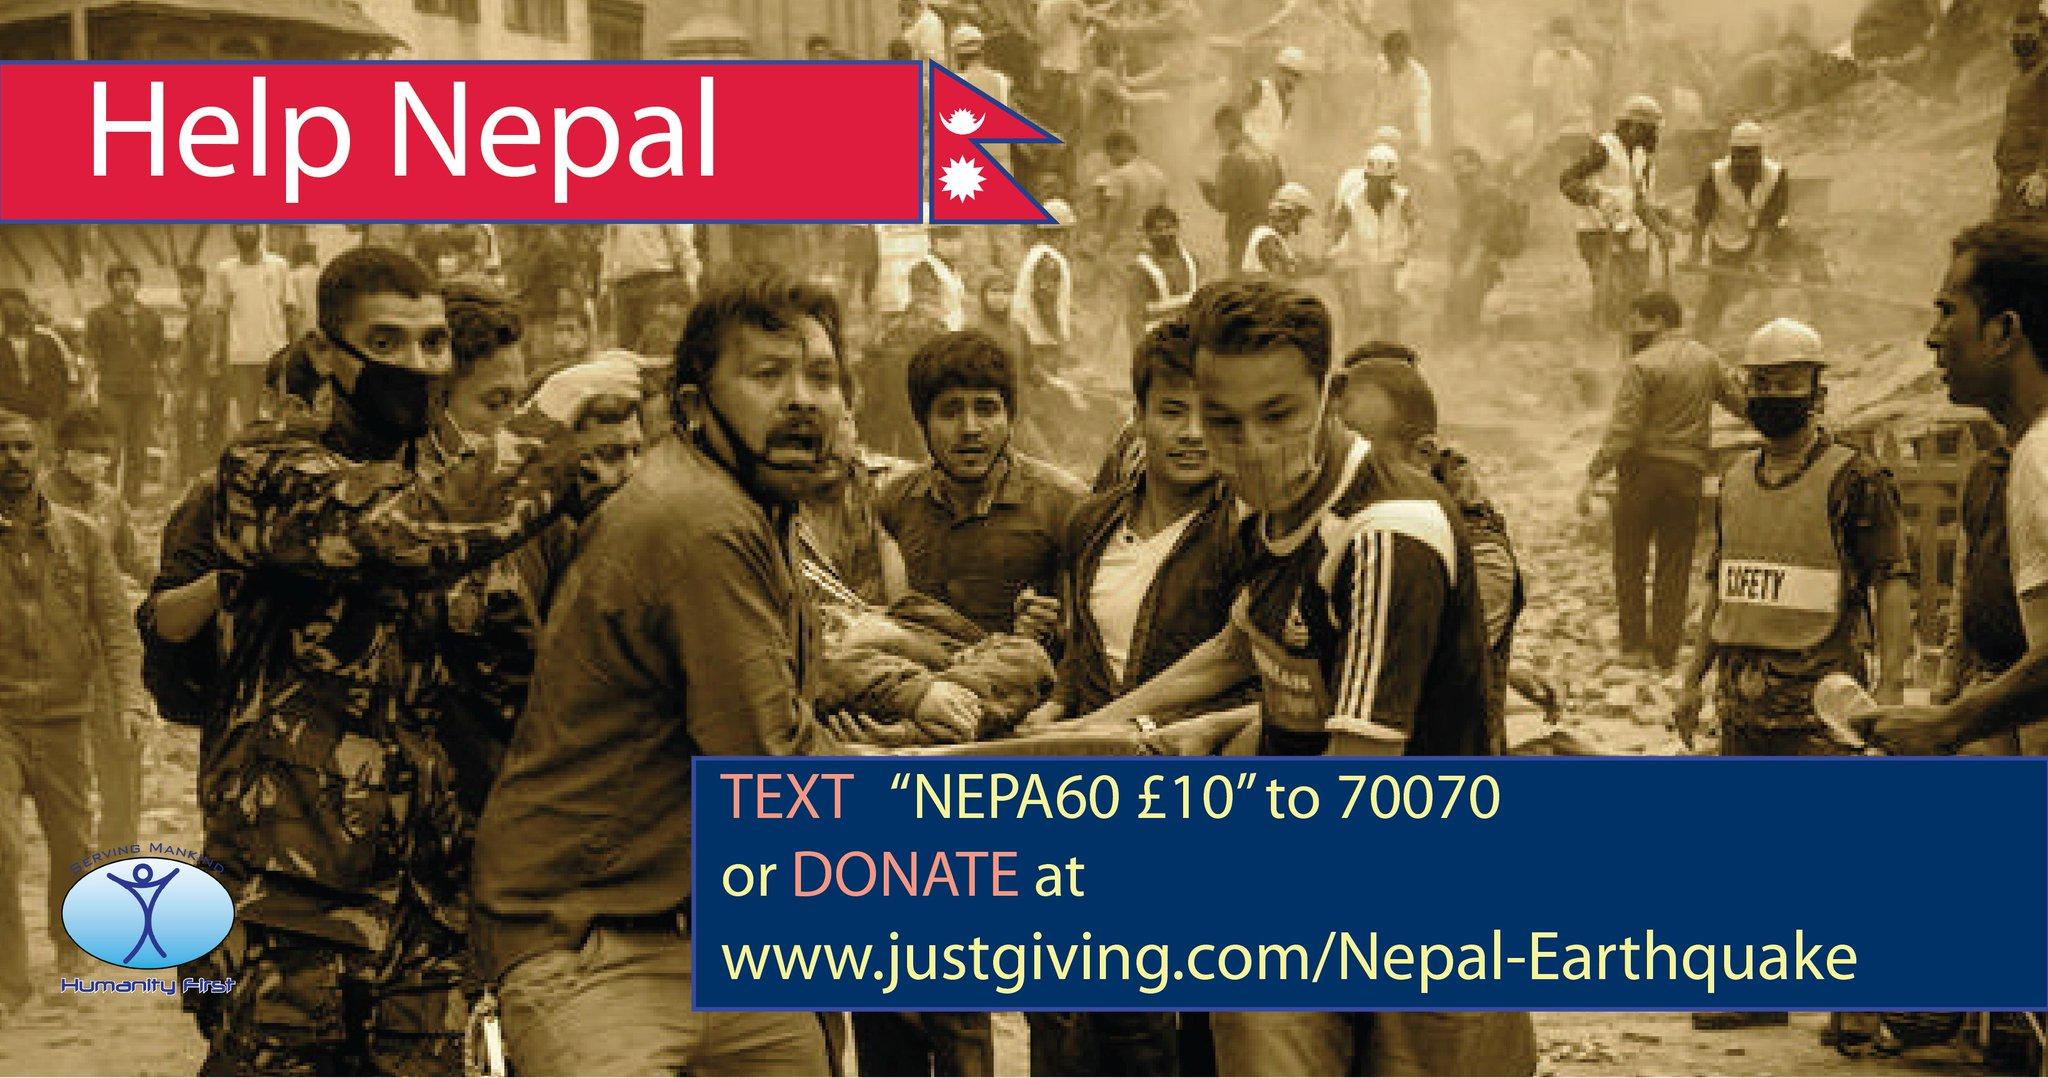 Humanity First Merespon Gempa Bumi Nepal